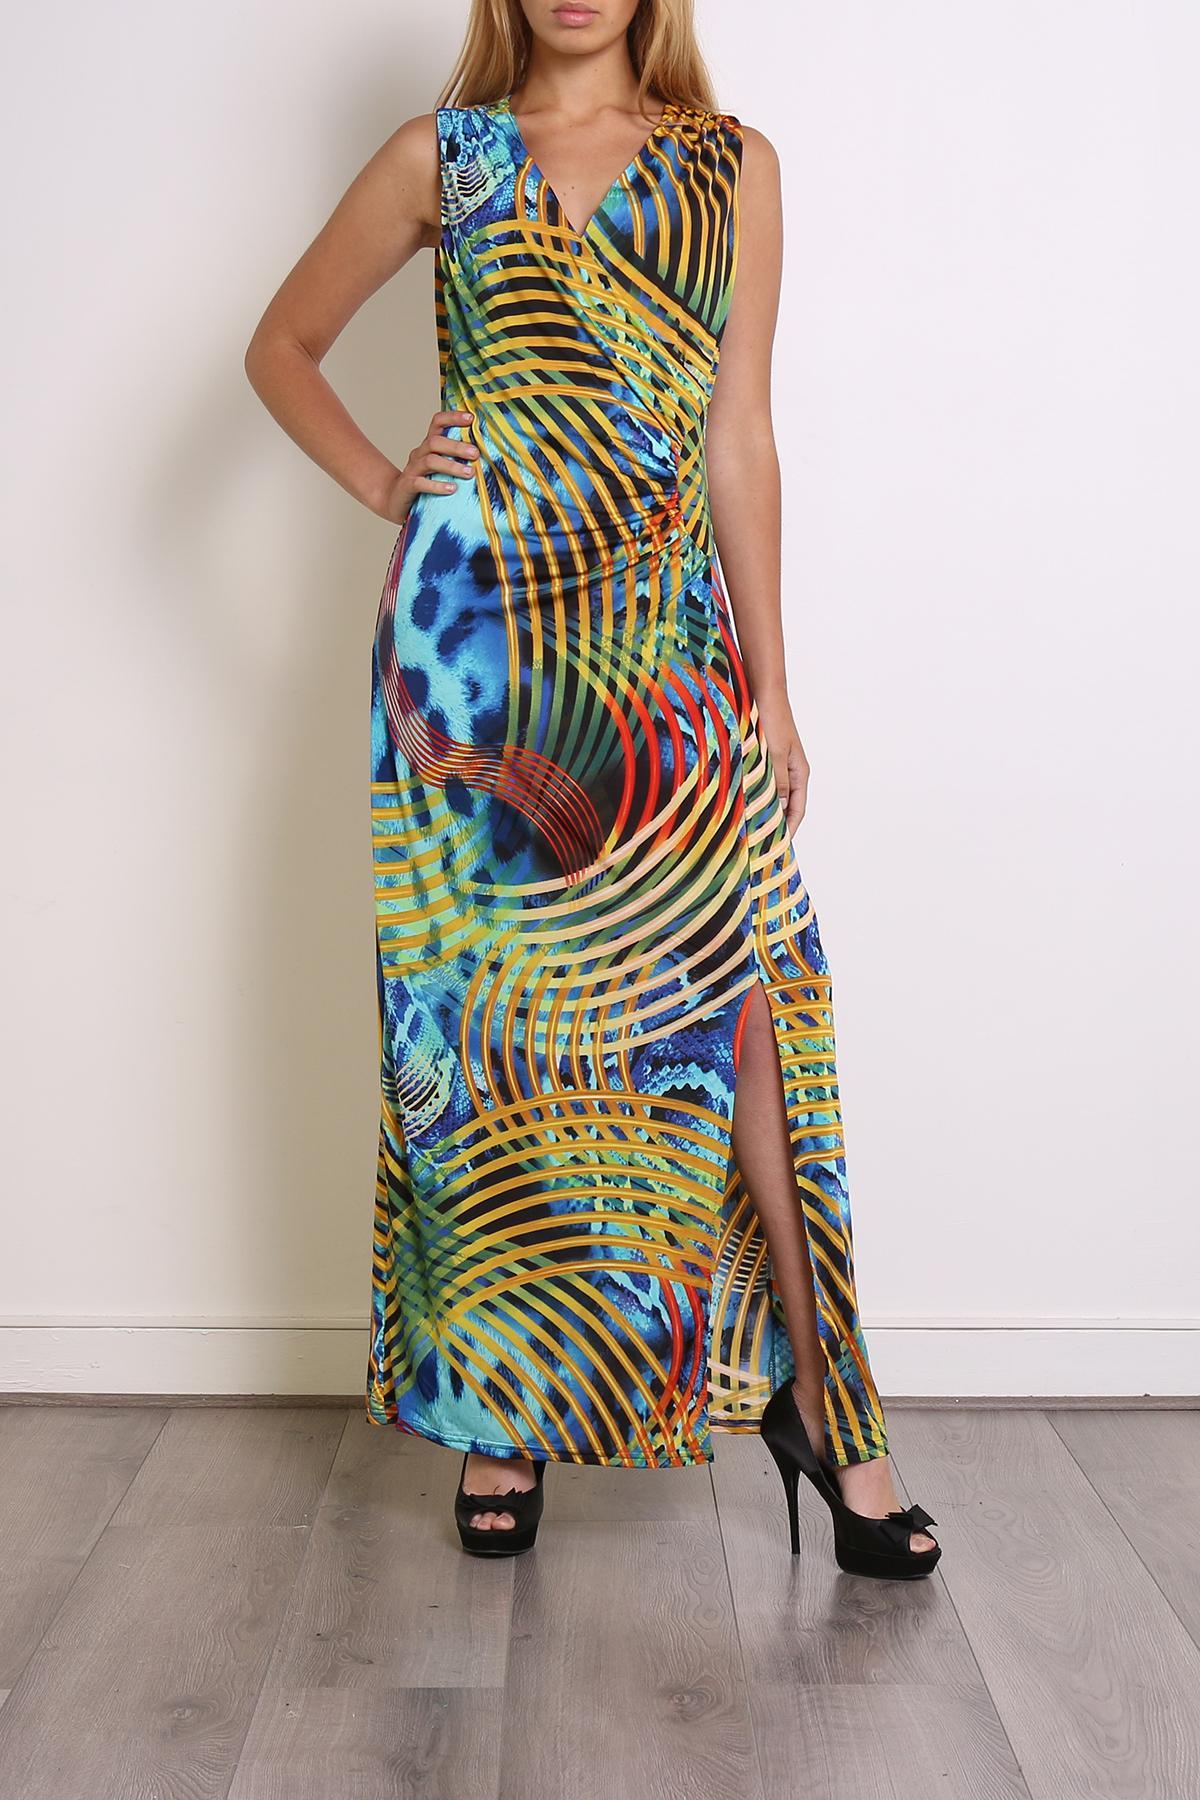 Robes longues Femme Couleurs mélangées Elissa 630-6 #c eFashion Paris